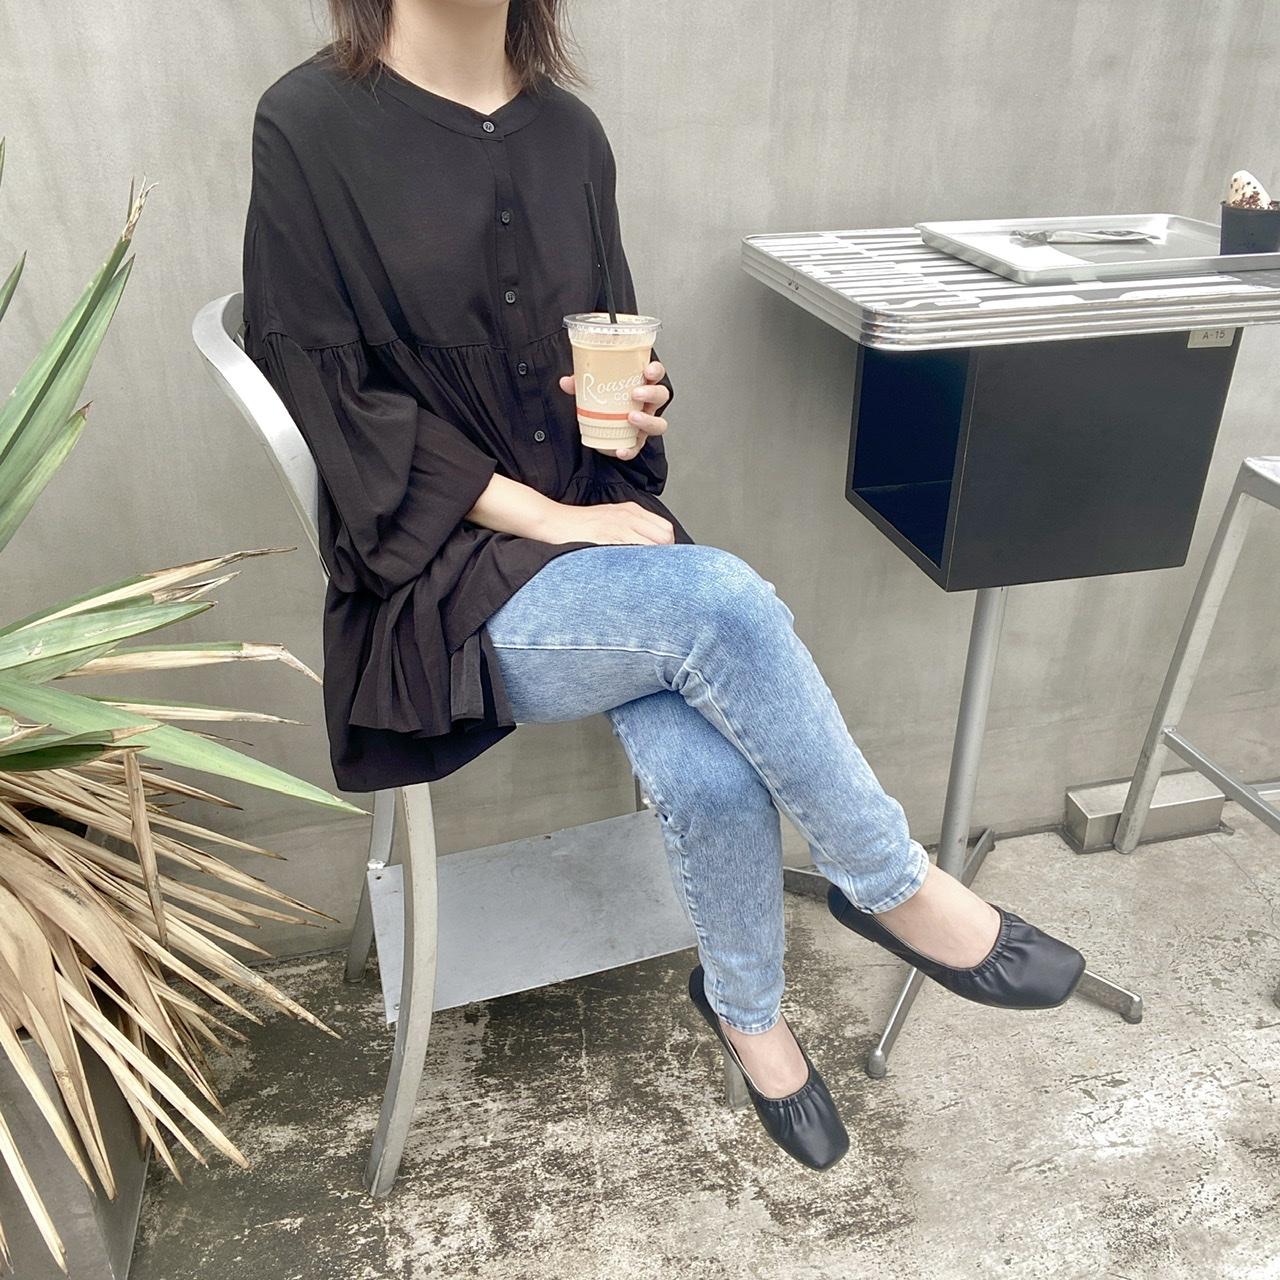 【渋谷カフェ】穴場すぎるコーヒー店!コーヒーソフトが絶品《Roasted Coffee Laboratory》_8